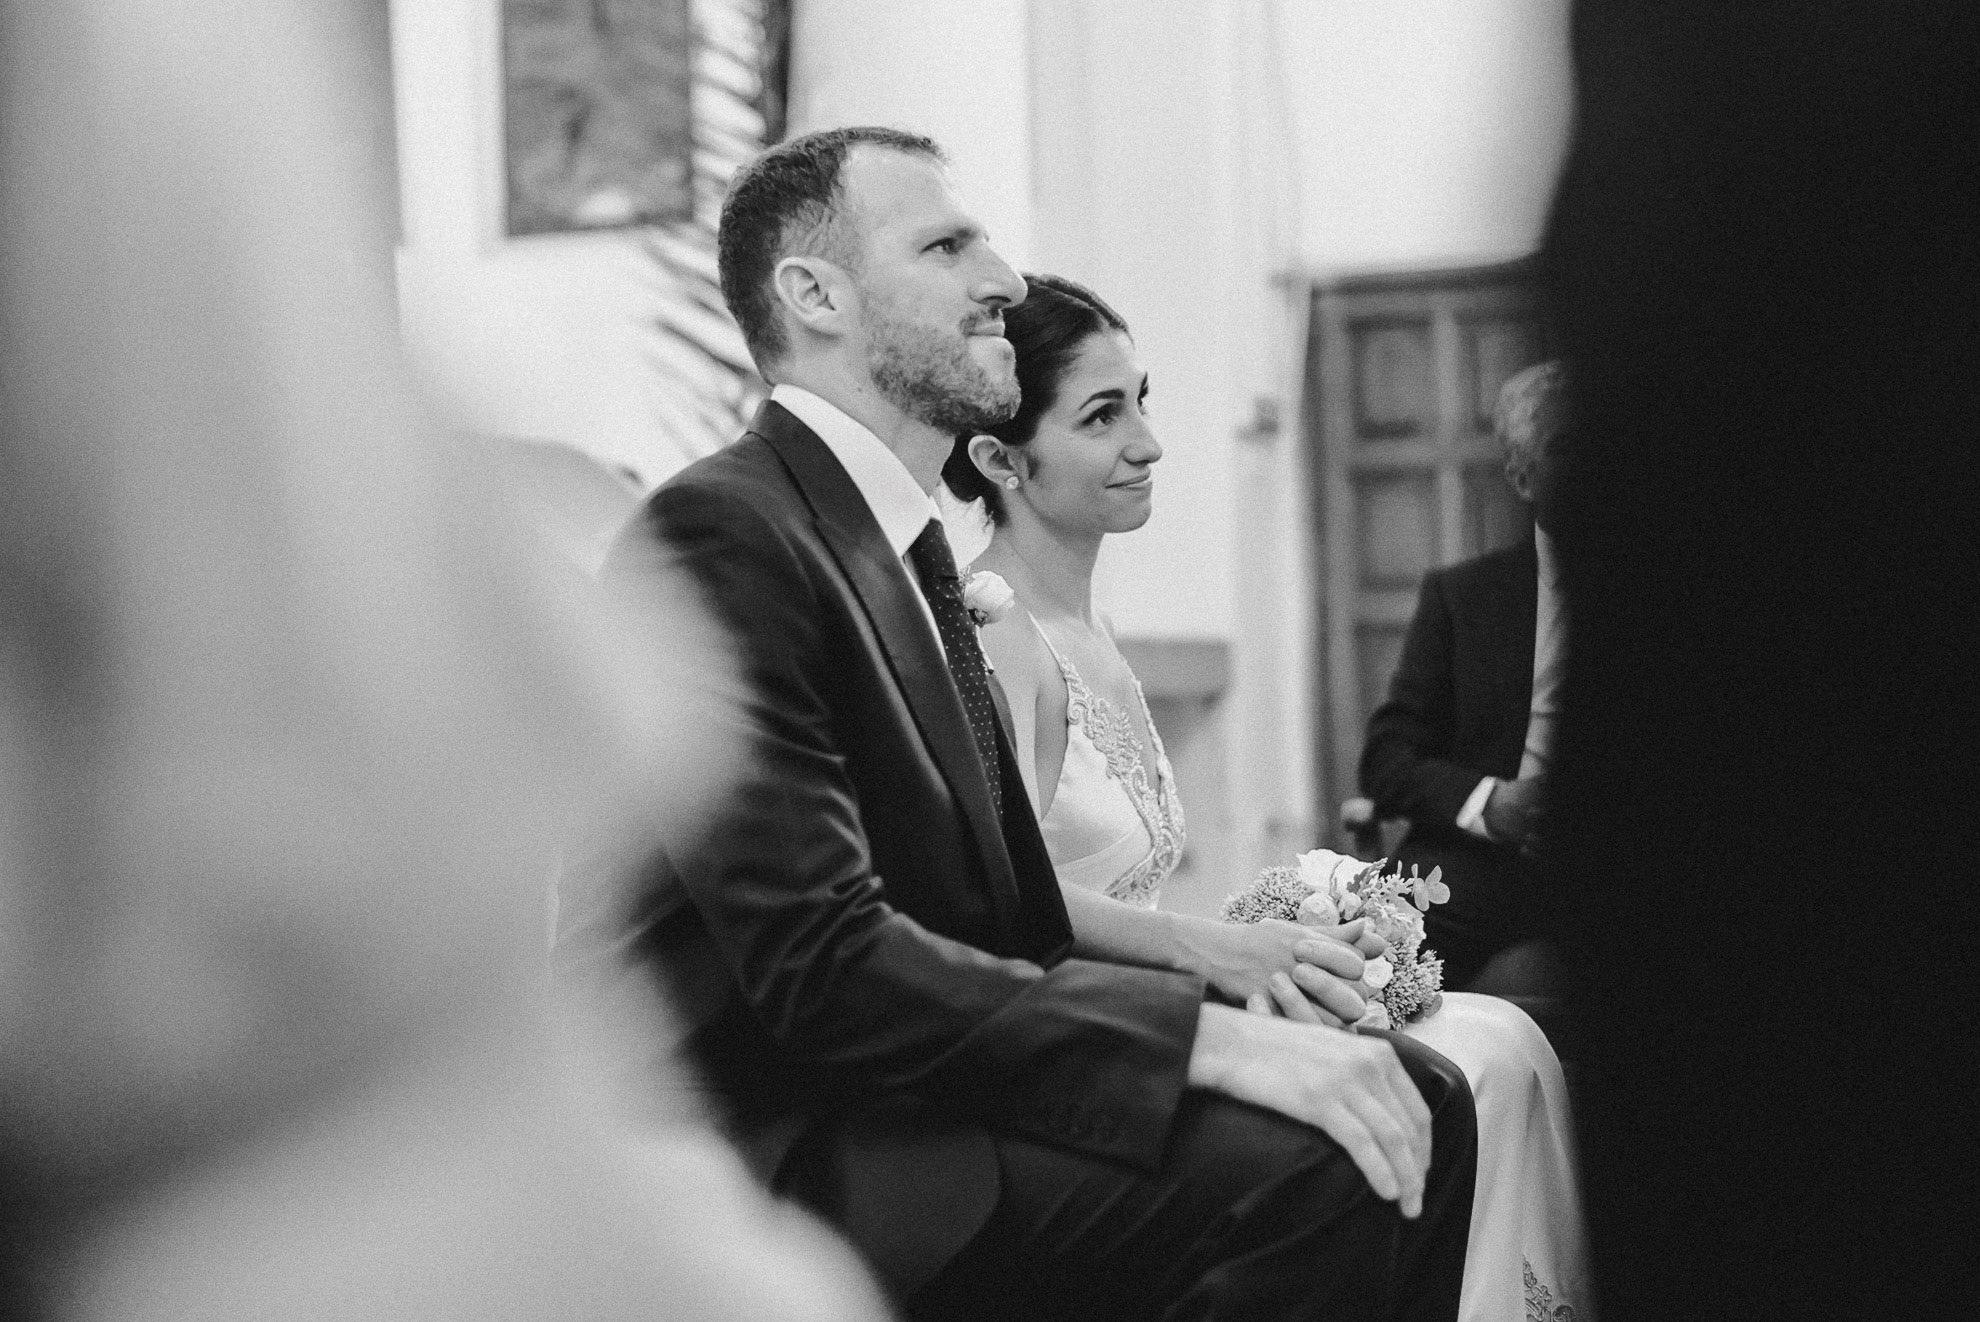 fotografo matrimonio_021.jpg